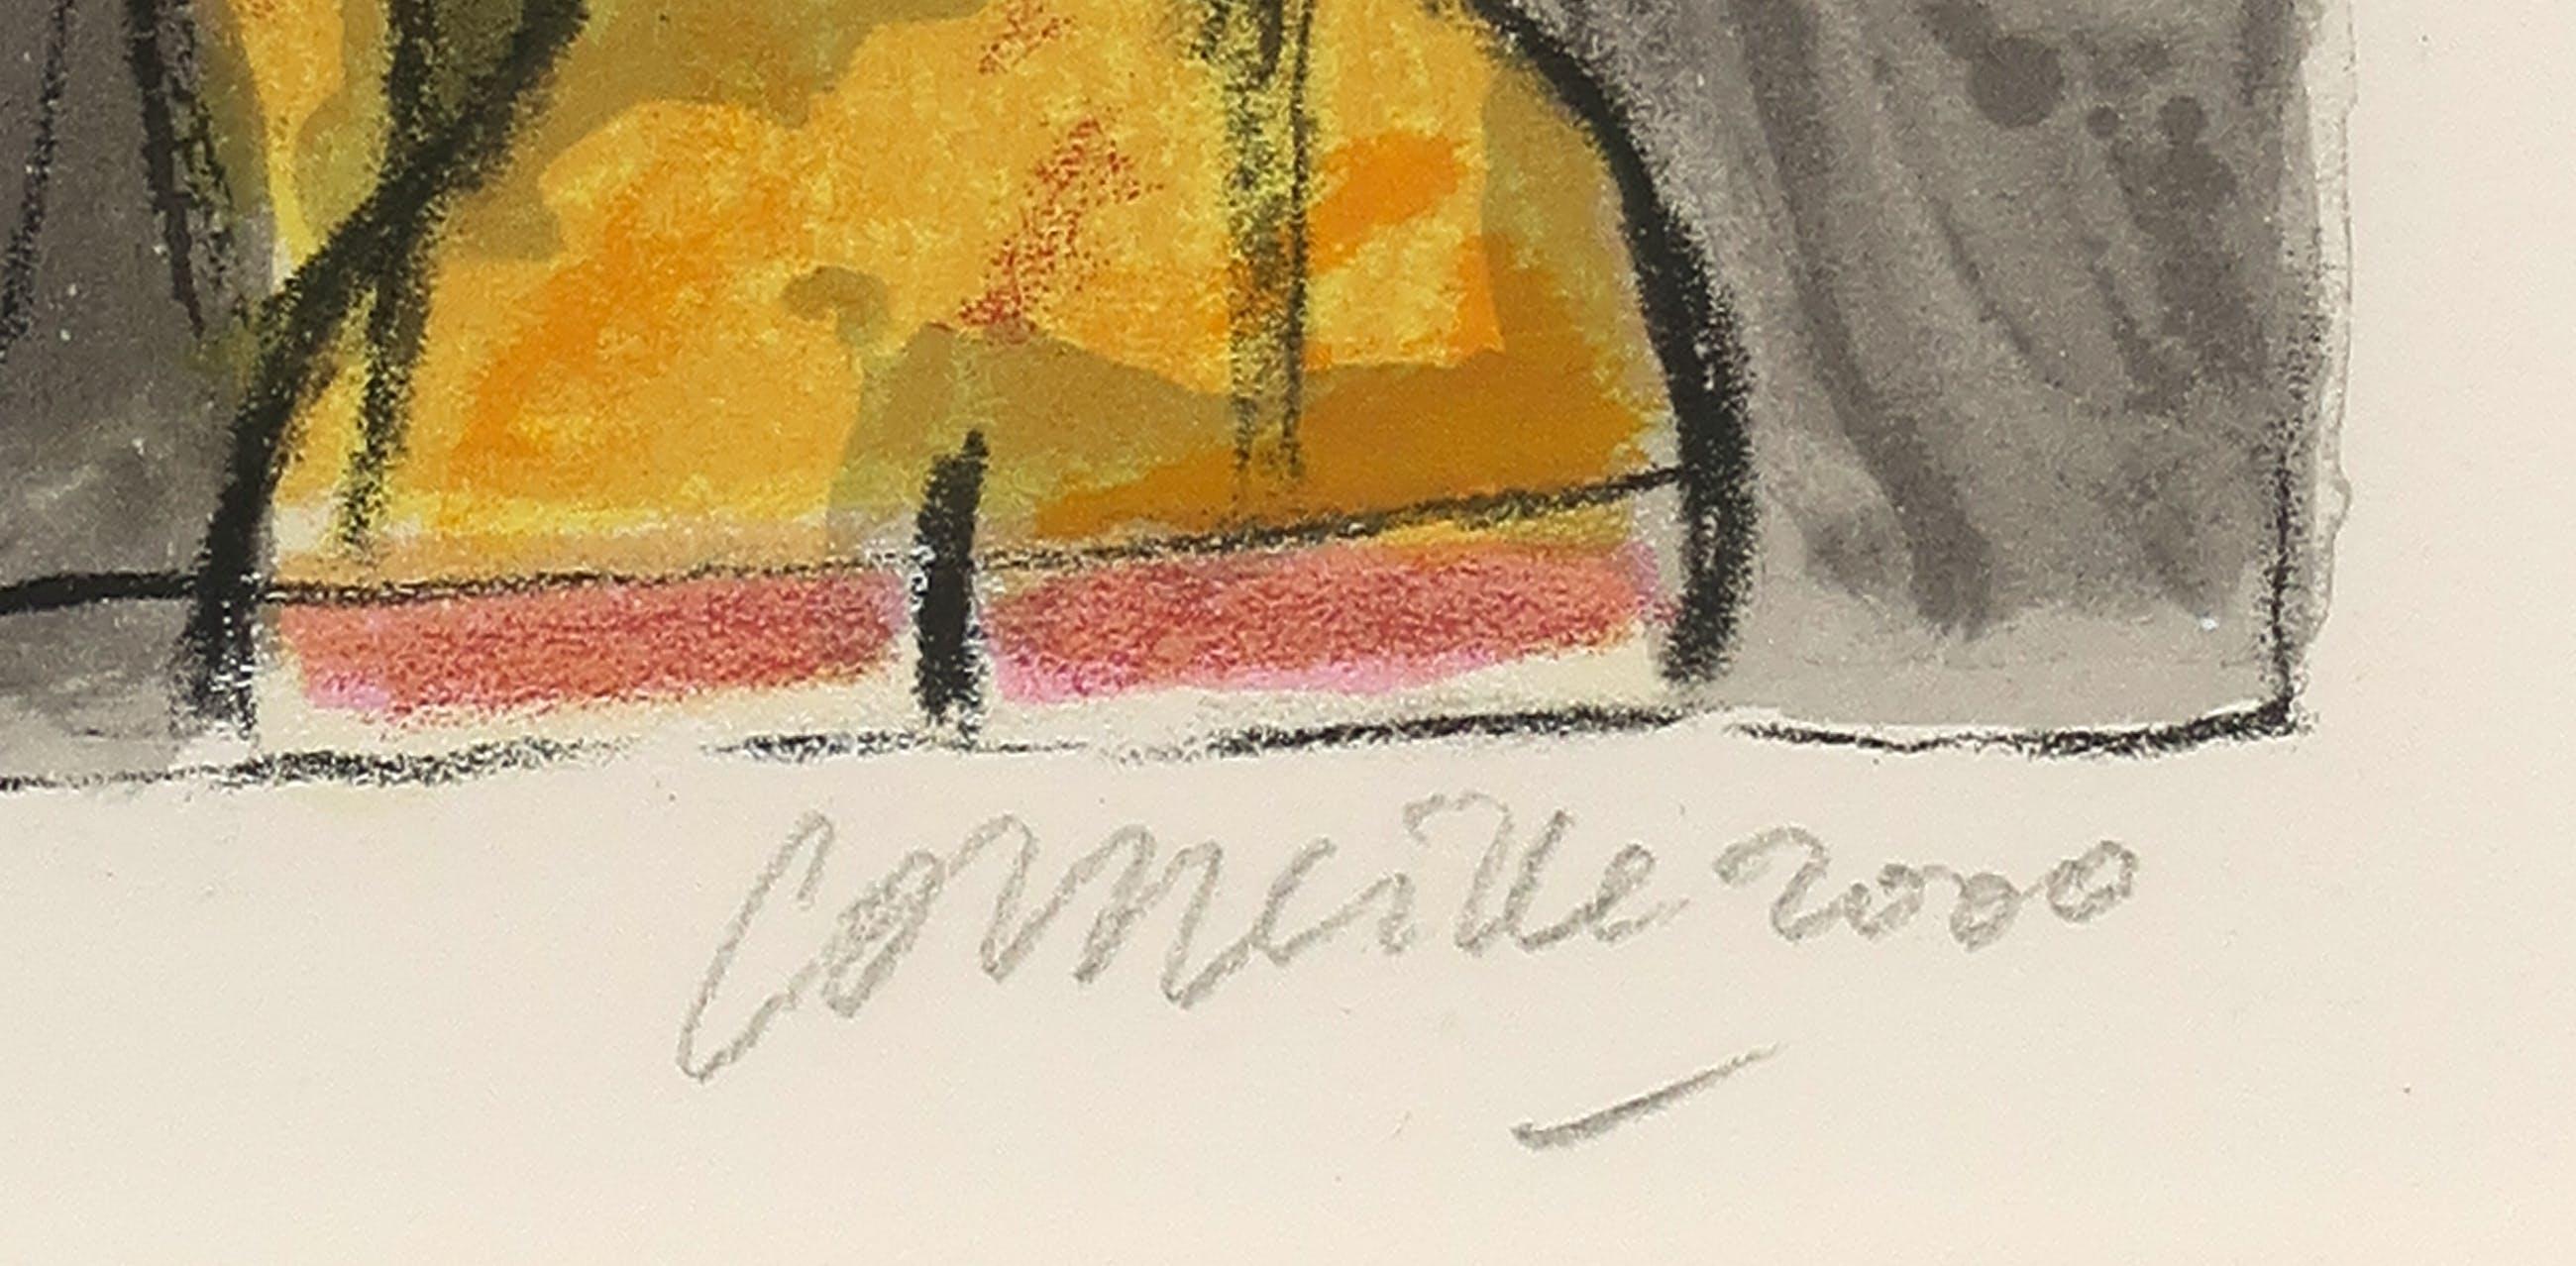 Corneille - Zeefdruk, La Chouette - Ingelijst kopen? Bied vanaf 120!